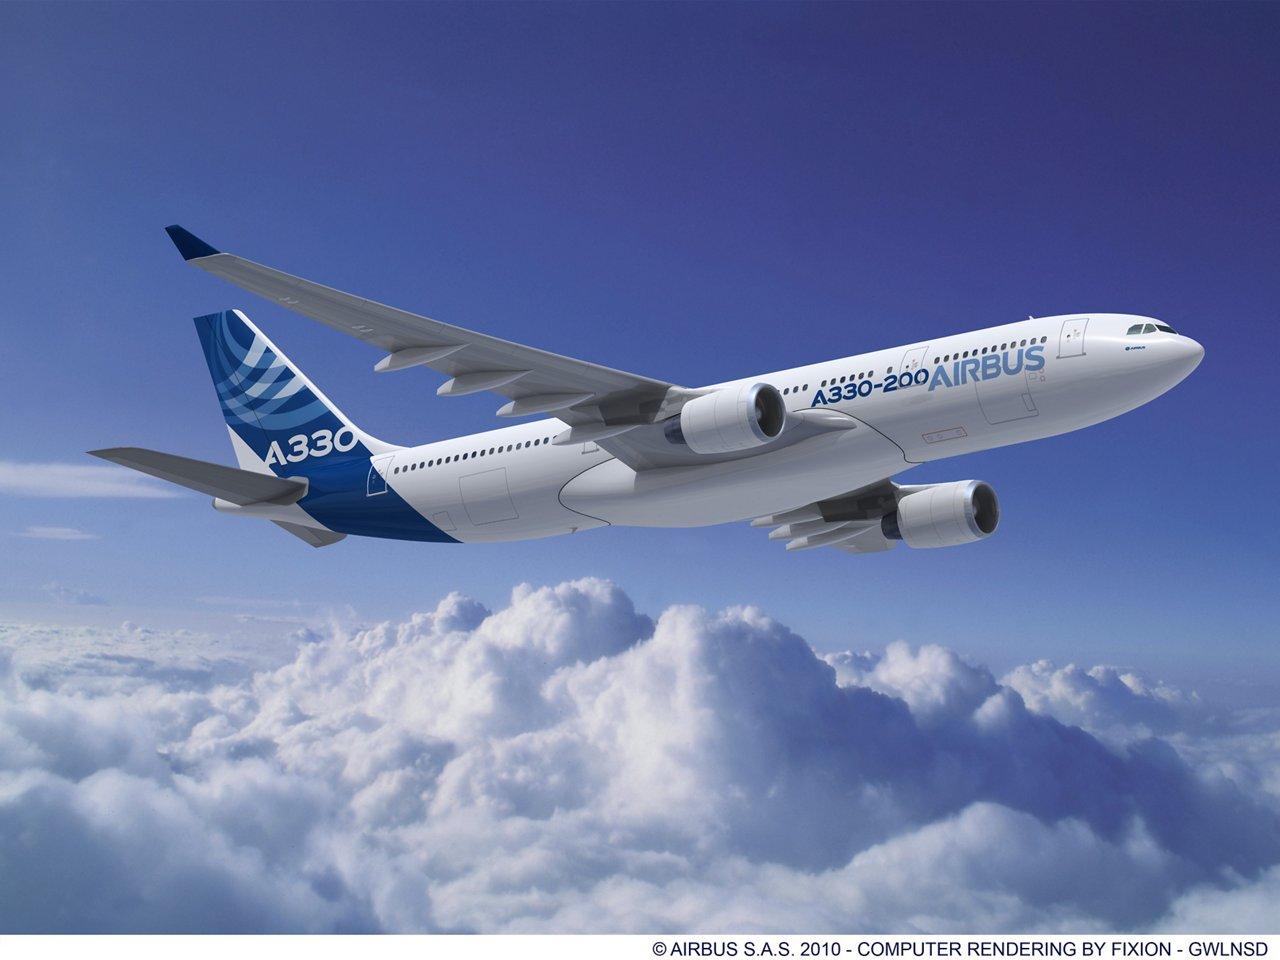 A330-200 PW AIRBUS V10 300dpi